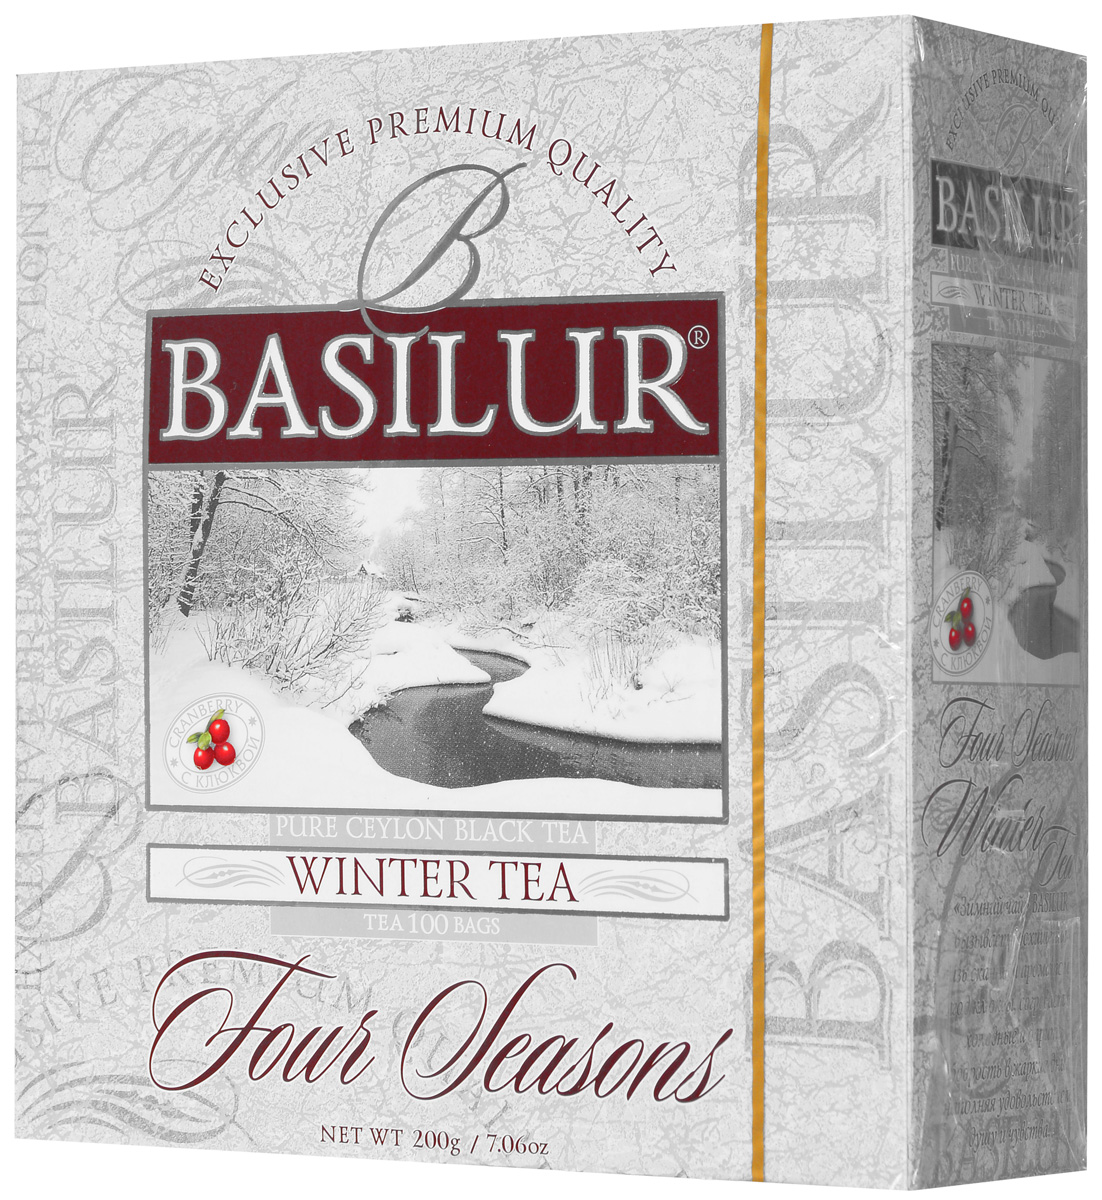 Basilur Winter Tea черный чай в пакетиках, 100 шт0120710Чёрный цейлонский байховый мелколистовой чай Basilur Winter Tea с ароматом клюквы в пакетиках с ярлычками для разовой заварки прекрасно освежит и придаст сил.Смесь лучших сортов цейлонского чая стандарта ОP и натуральных ягод клюквы специально составлена мастерами-дегустаторами чая, что бы вызвать у вас восхищение изысканностью вкуса и аромата. Зимний чай Basilur согреет в холодные дни и подарит бодрость - в жаркие.